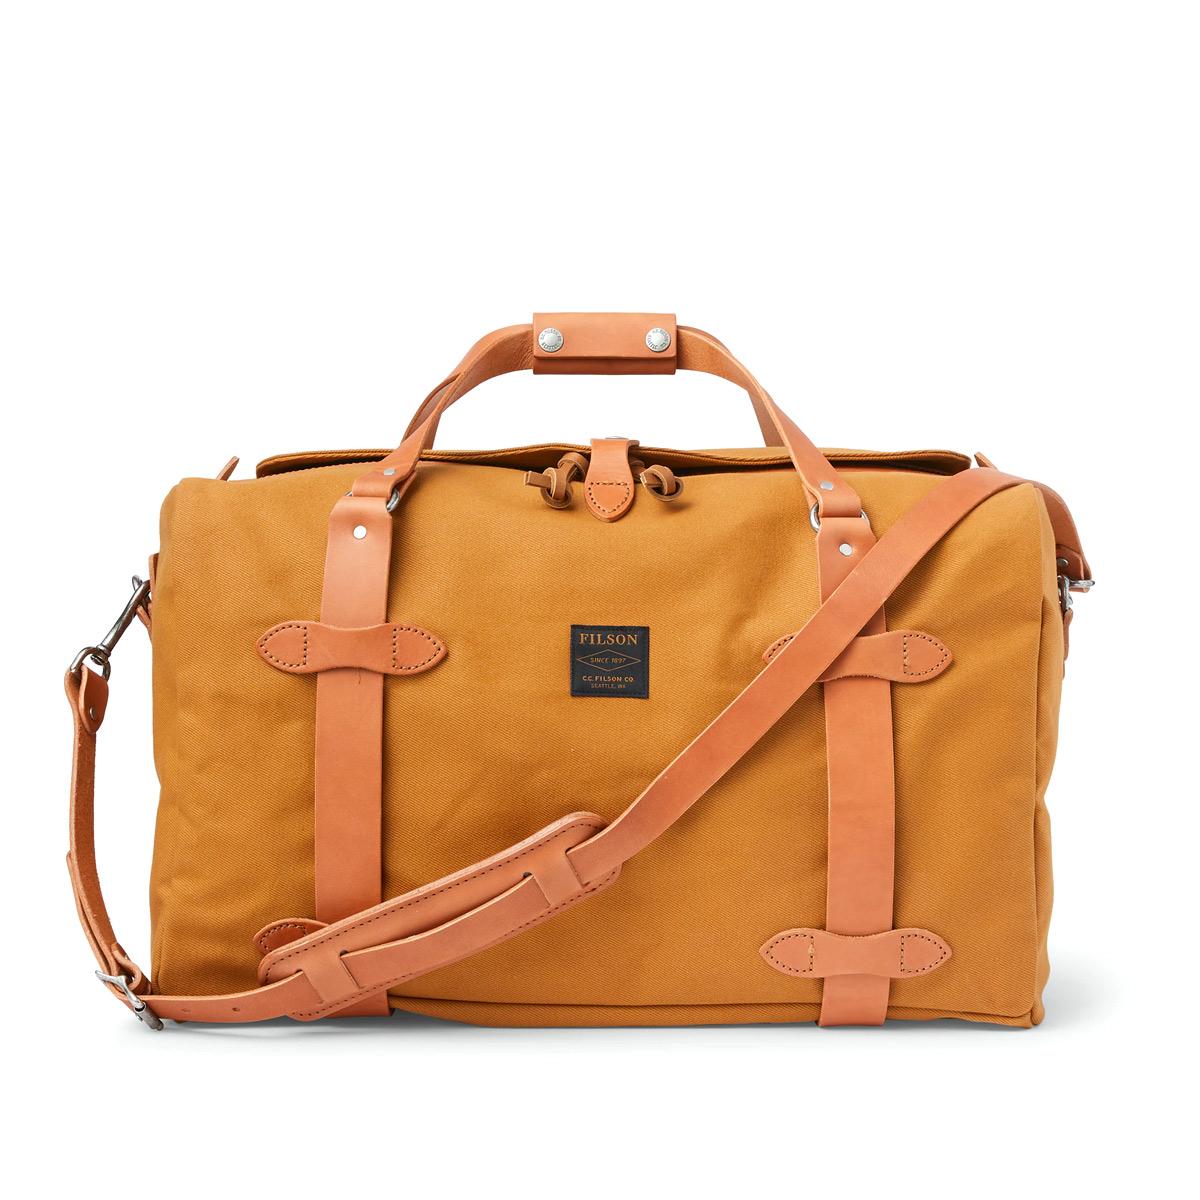 Filson Rugged Twill Duffle Bag Medium 20195531-Chessie Tan